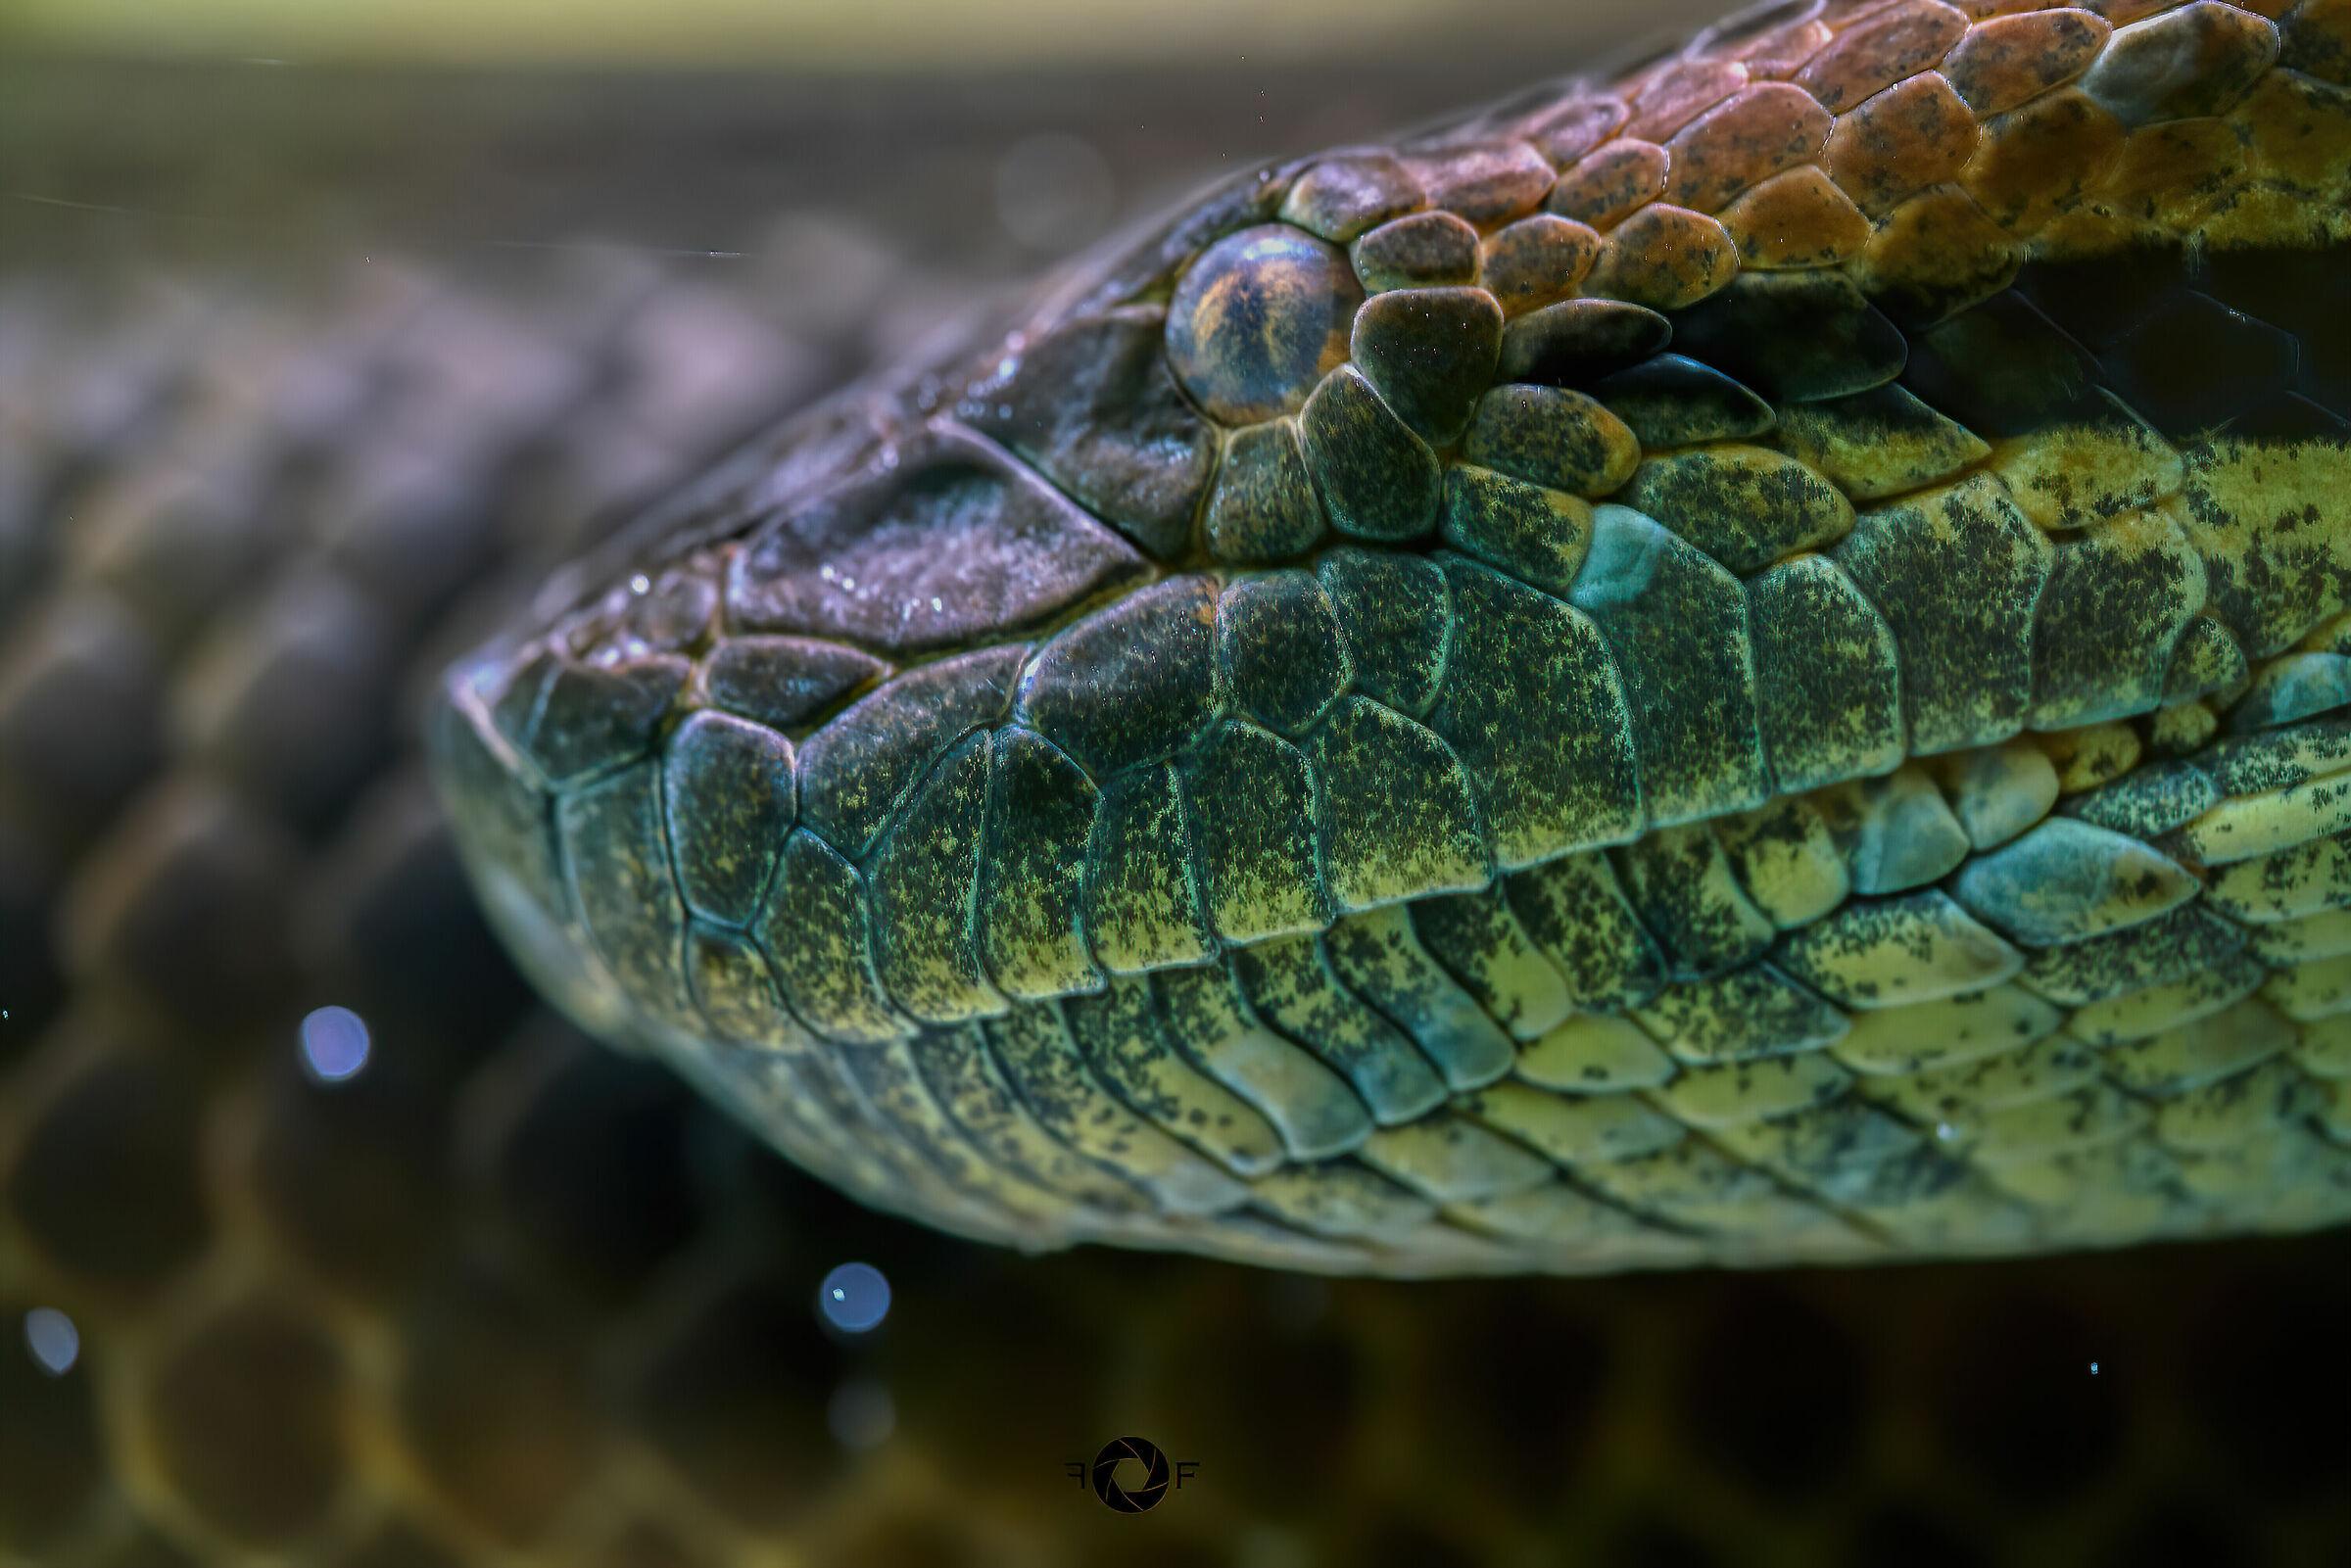 Anaconda...